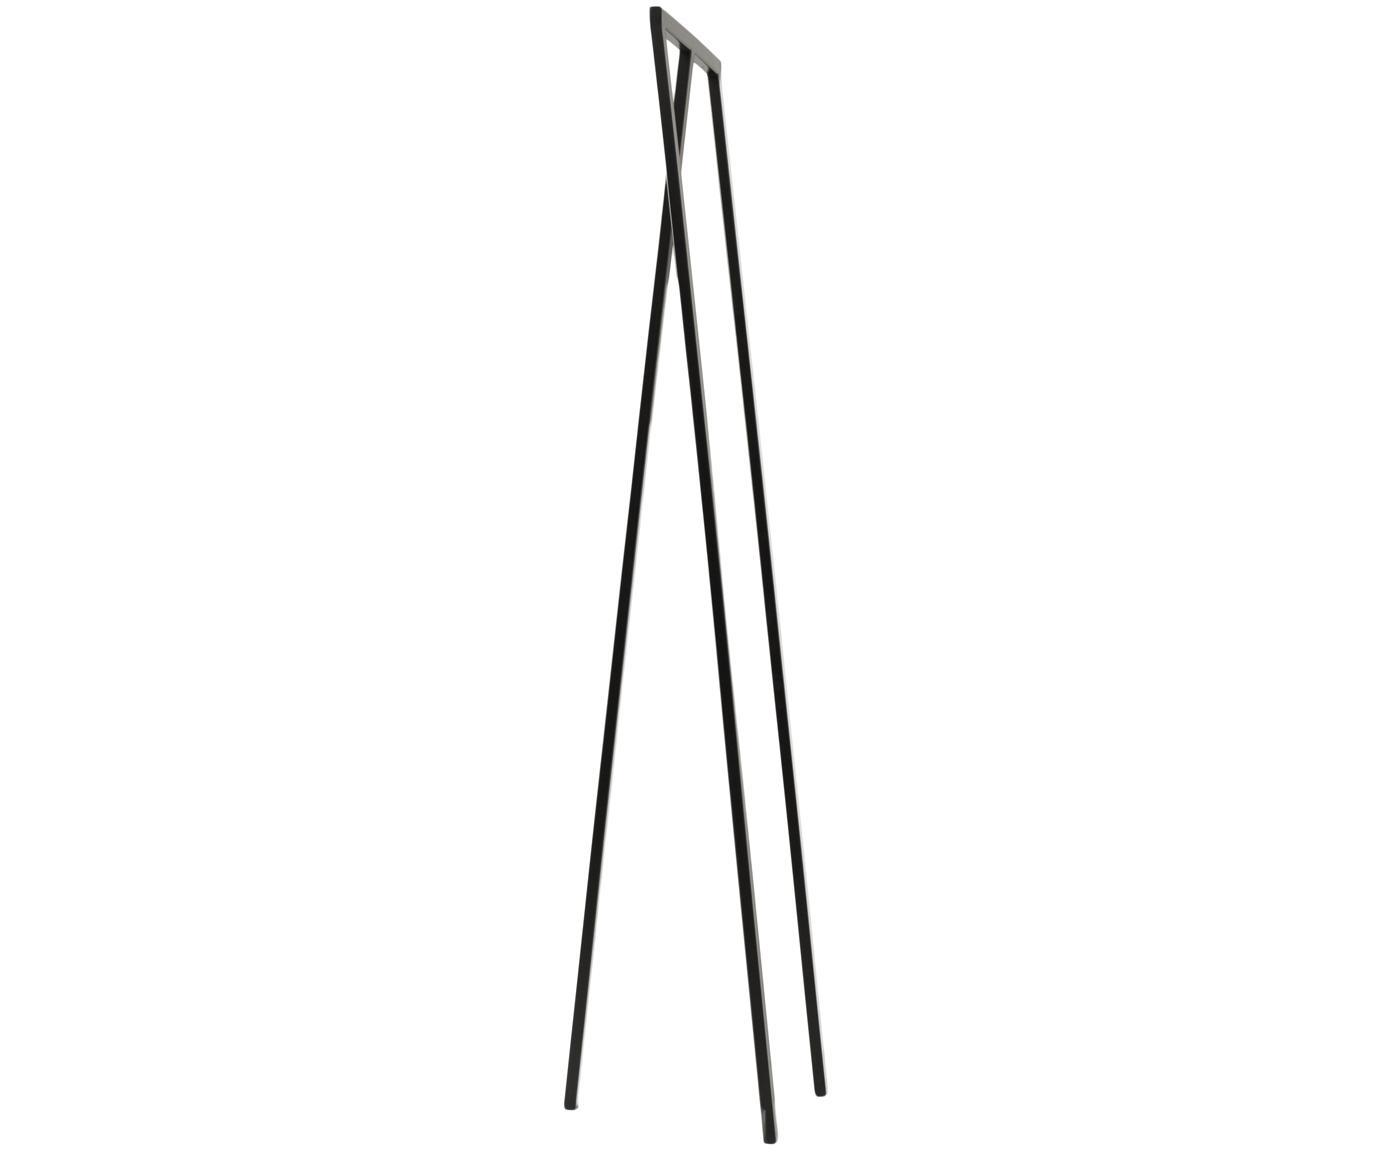 Appendiabiti in metallo Kaya, Metallo verniciato, Nero, Larg. 50 x Alt. 173 cm